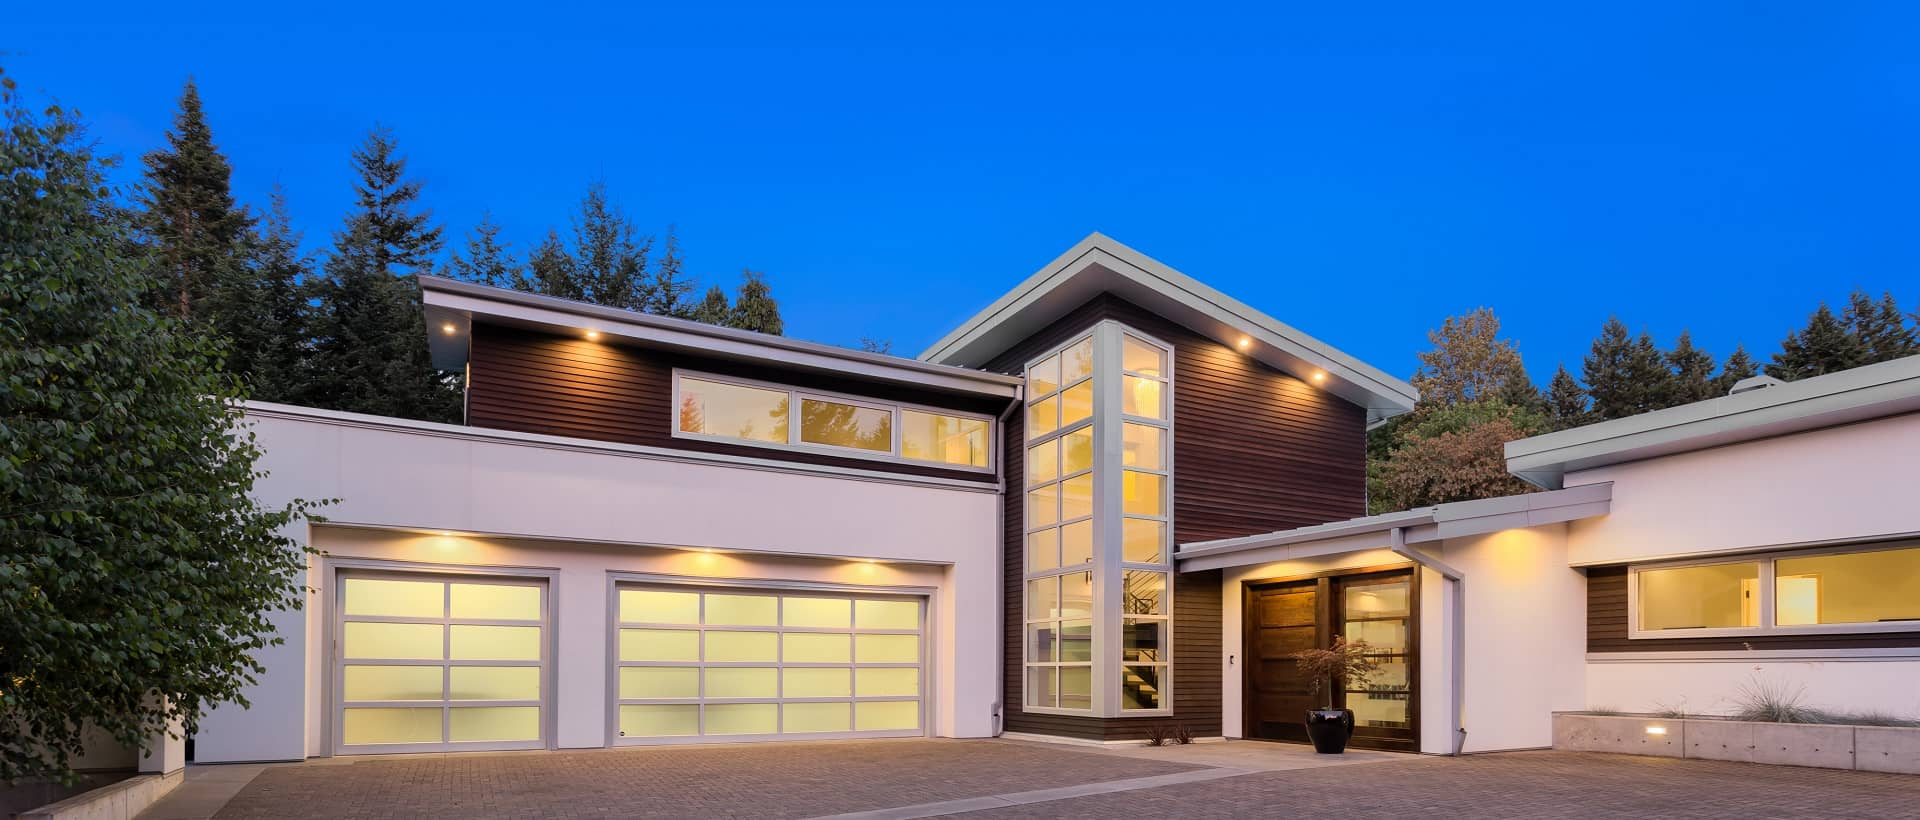 Alpine Garage Doors & Openers LLC - New Garage Door